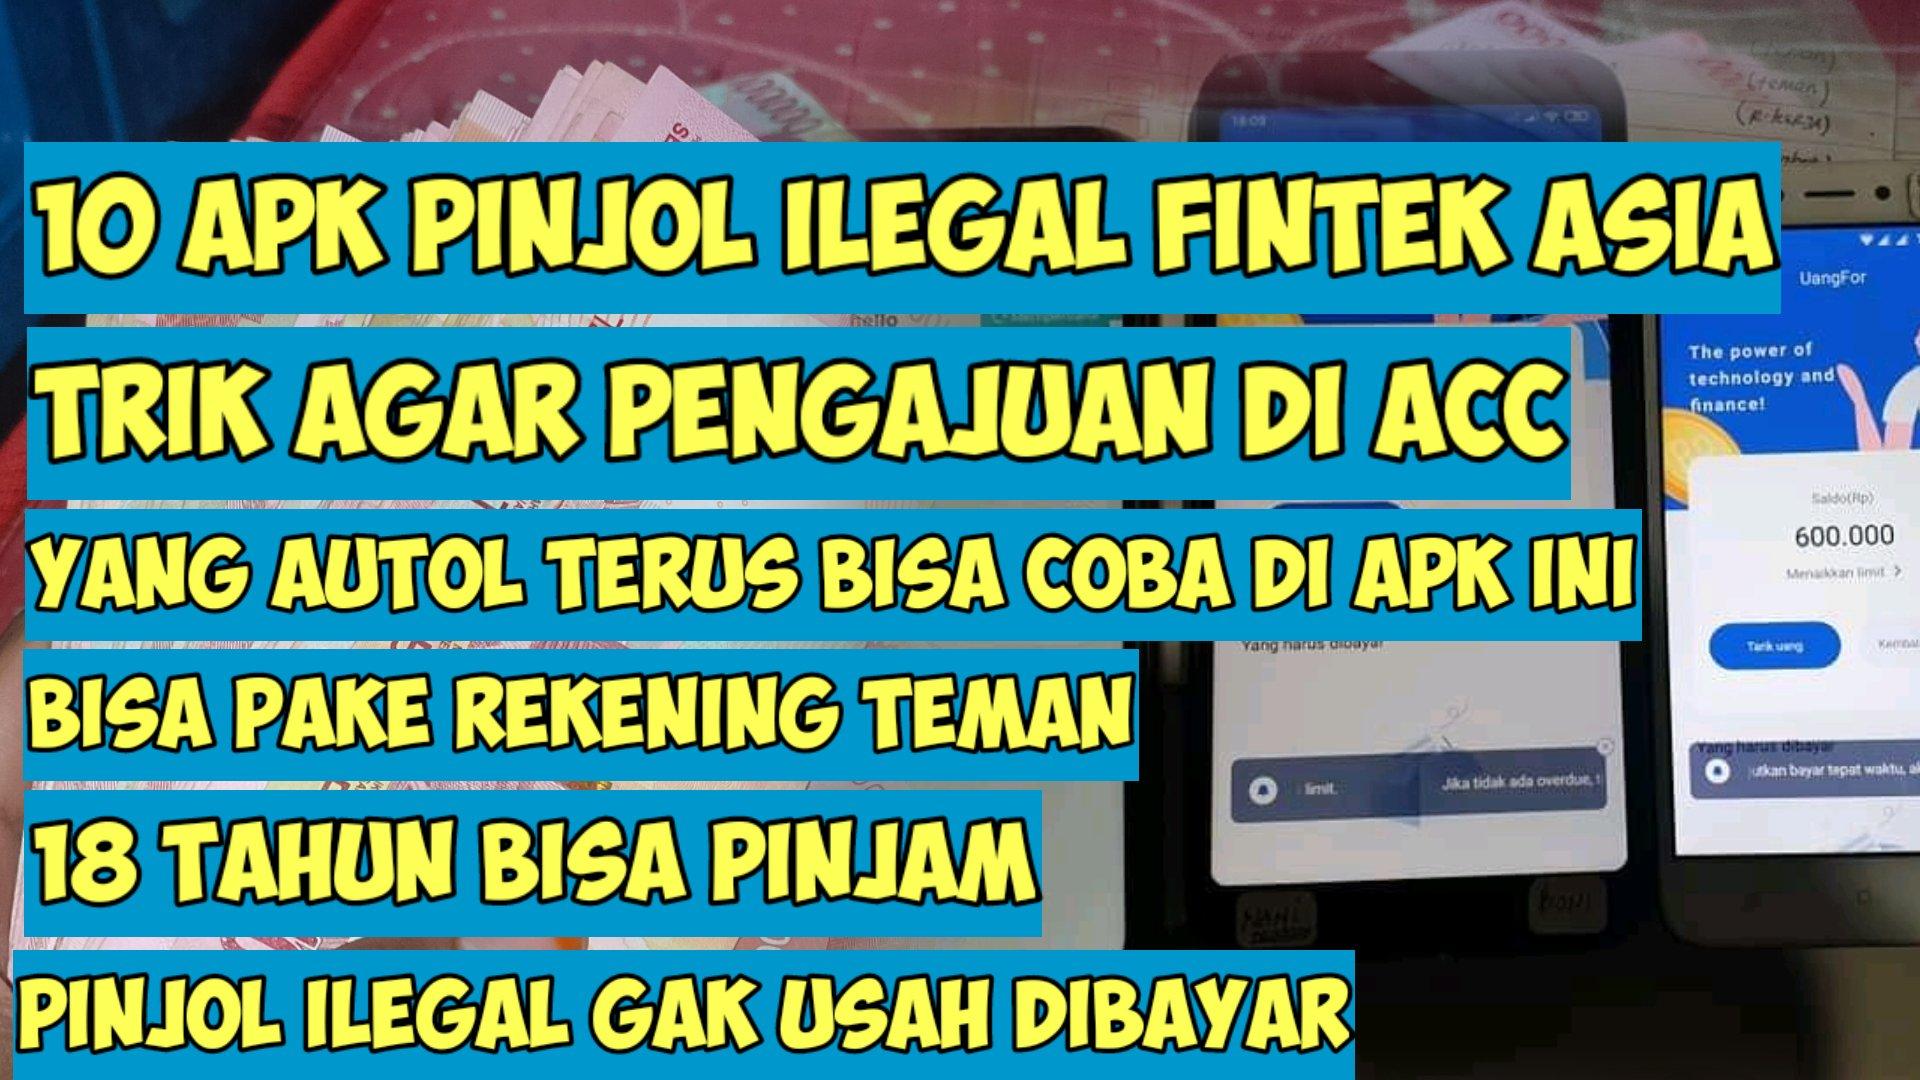 10 Apk Fintek Asia Pinjaman Online Cepat Cair Hanya Dengan Ktp Kangcode Com